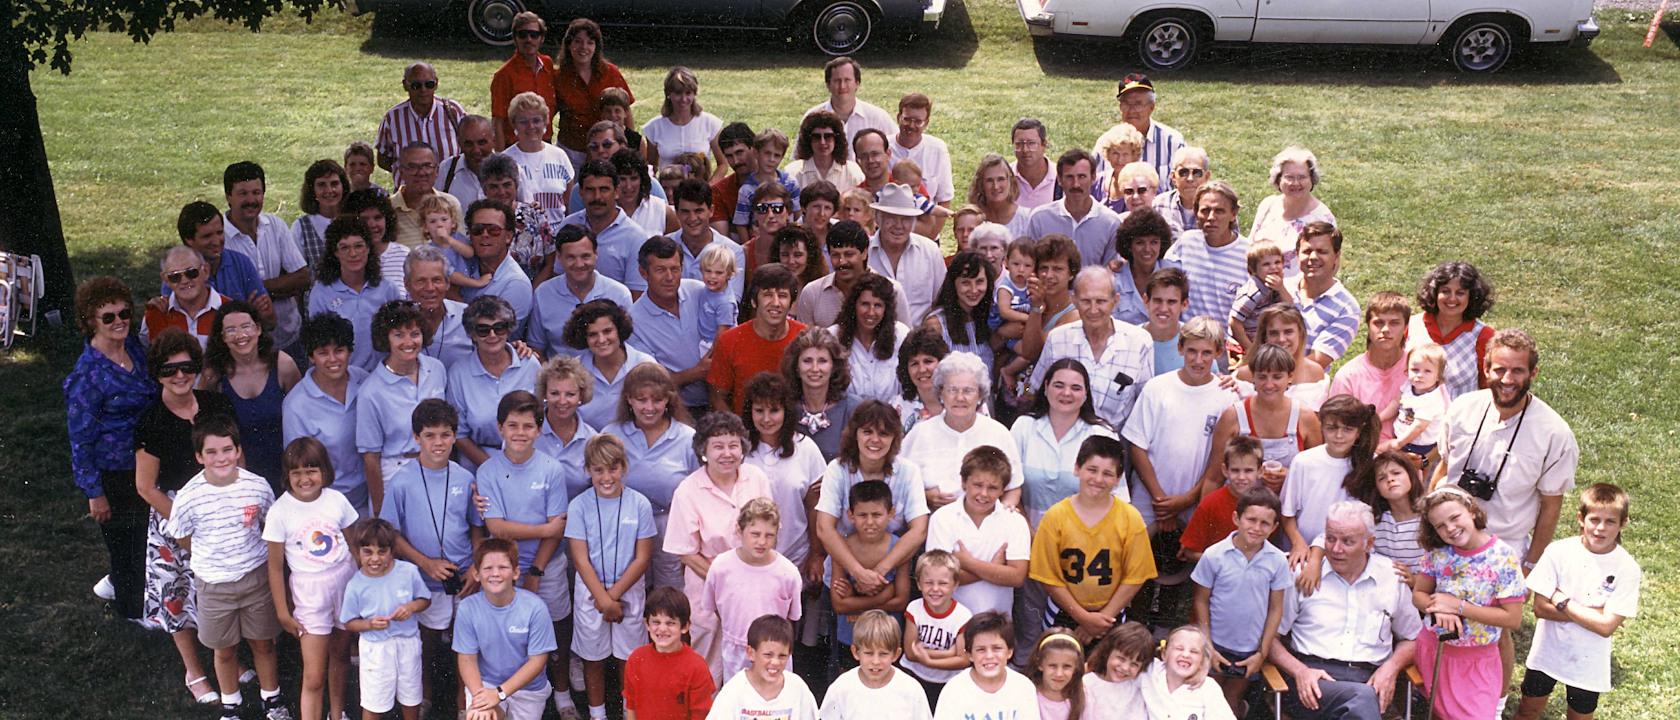 Uniontown Ohio 1989 – Finley Family Reunion